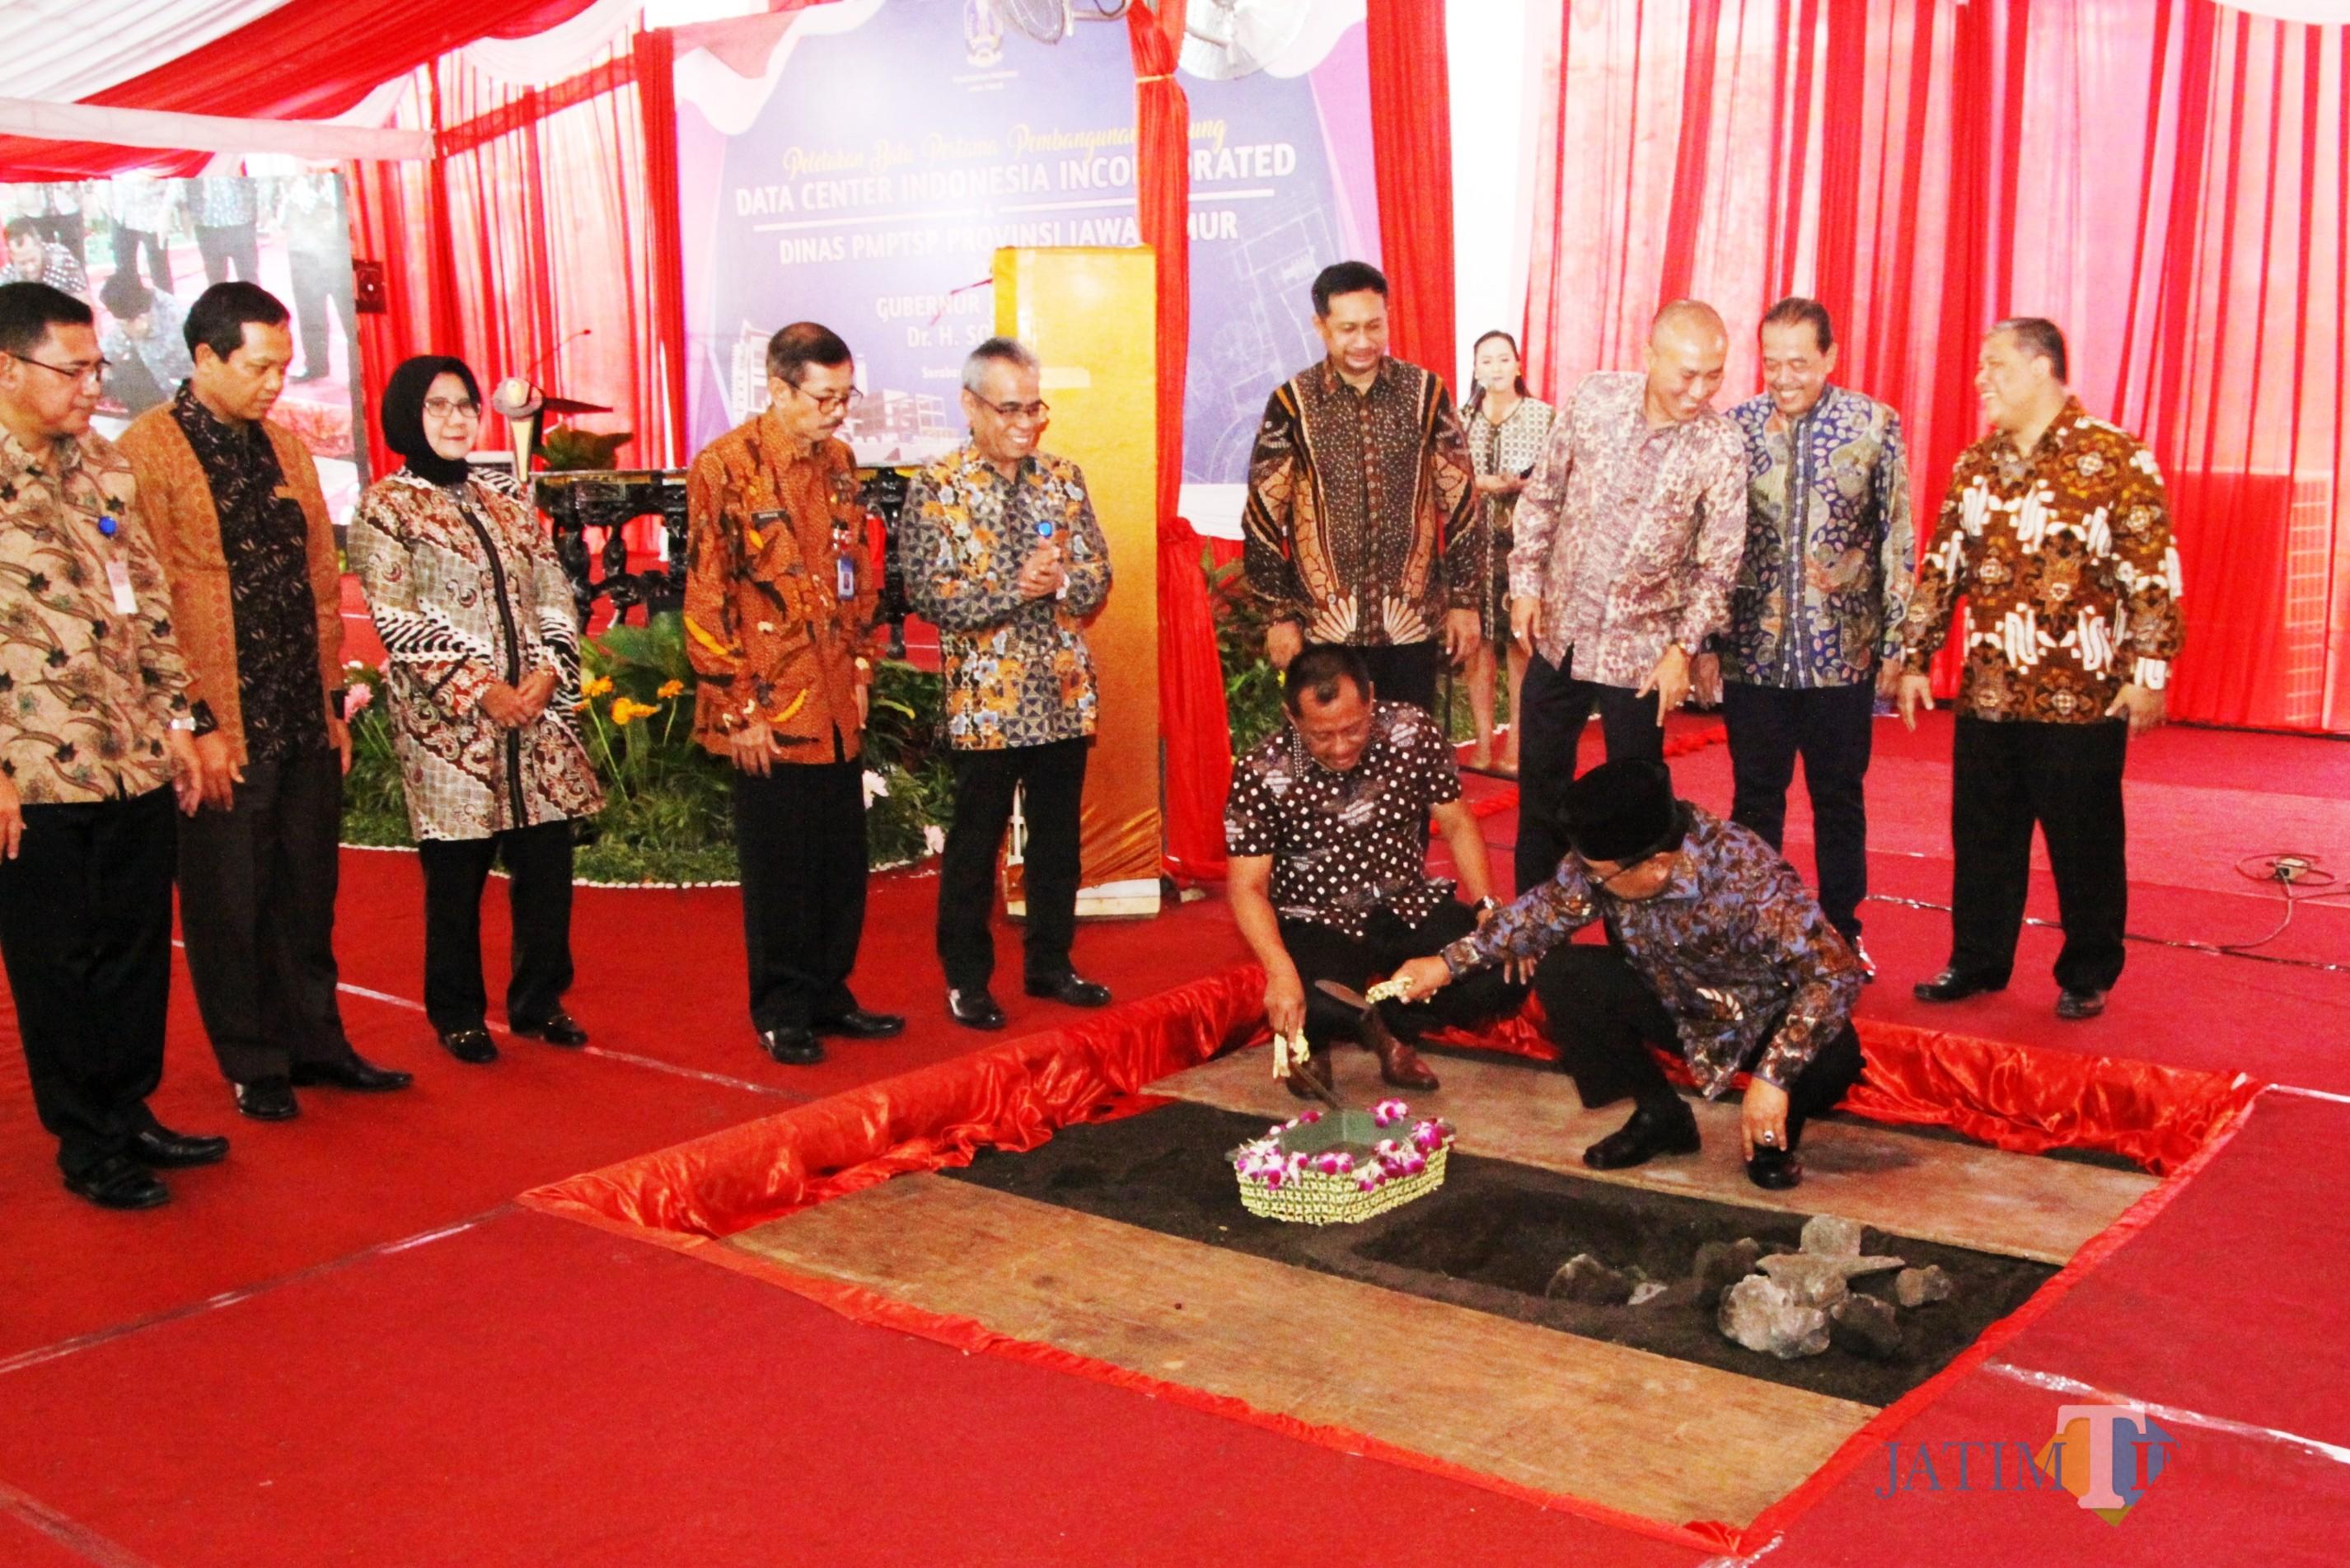 Soekarwo Didampingi Sekda Prov Jatim Melakukan Peletakan Batu Pertama Pembangunan Gedung Data Center Indonesia Incorporated